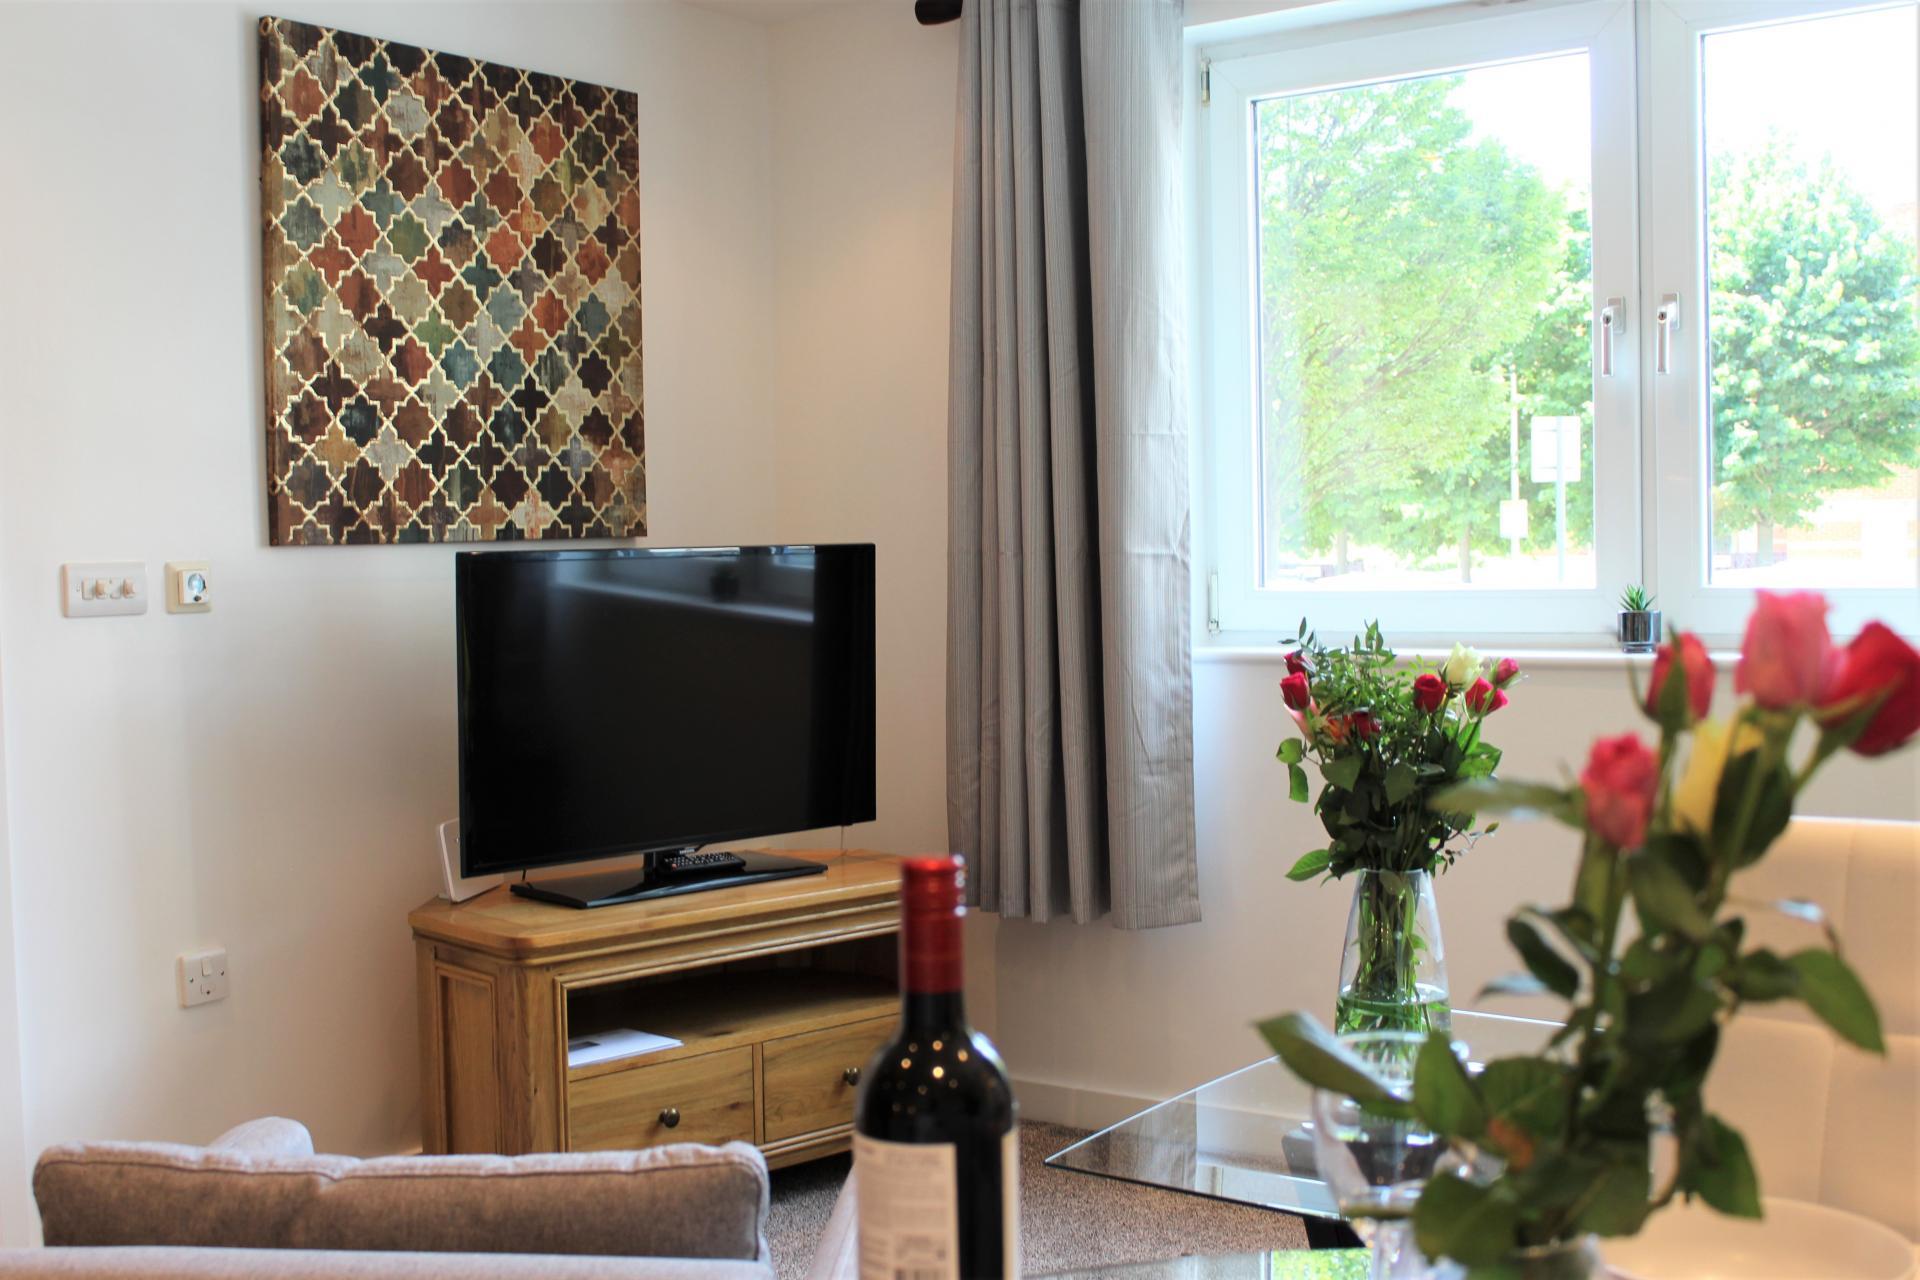 TV at Gunwharf Quays Apartments, Gunwharf Quays, Portsmouth